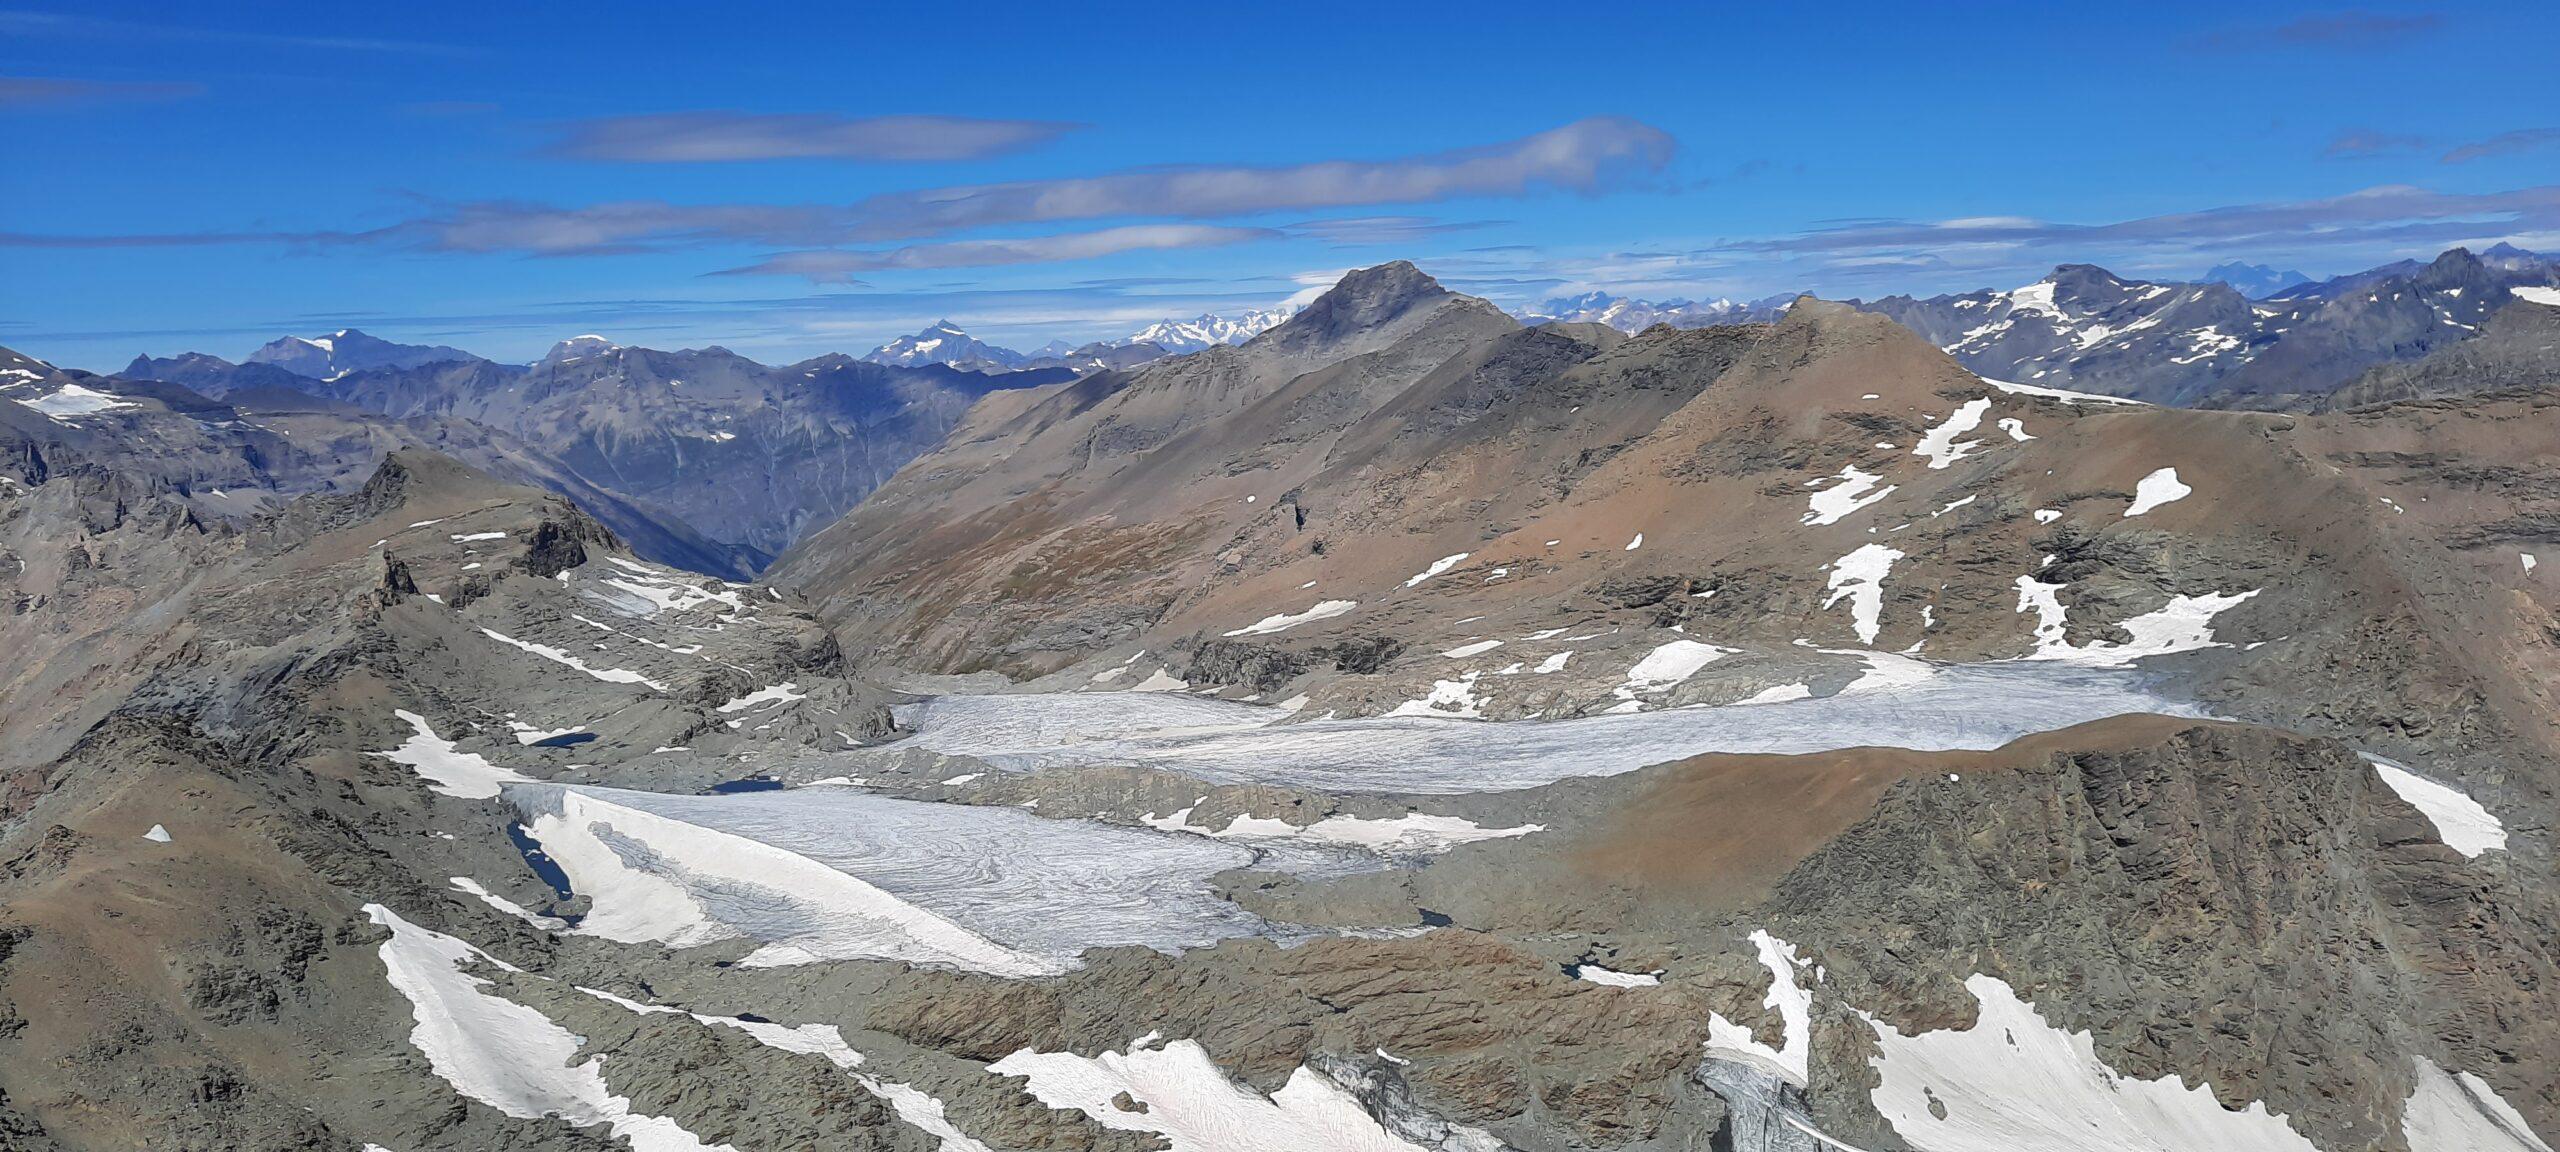 Il ghiacciaio,  sempre più magro, lo Charbonnel e dietro il Bianco